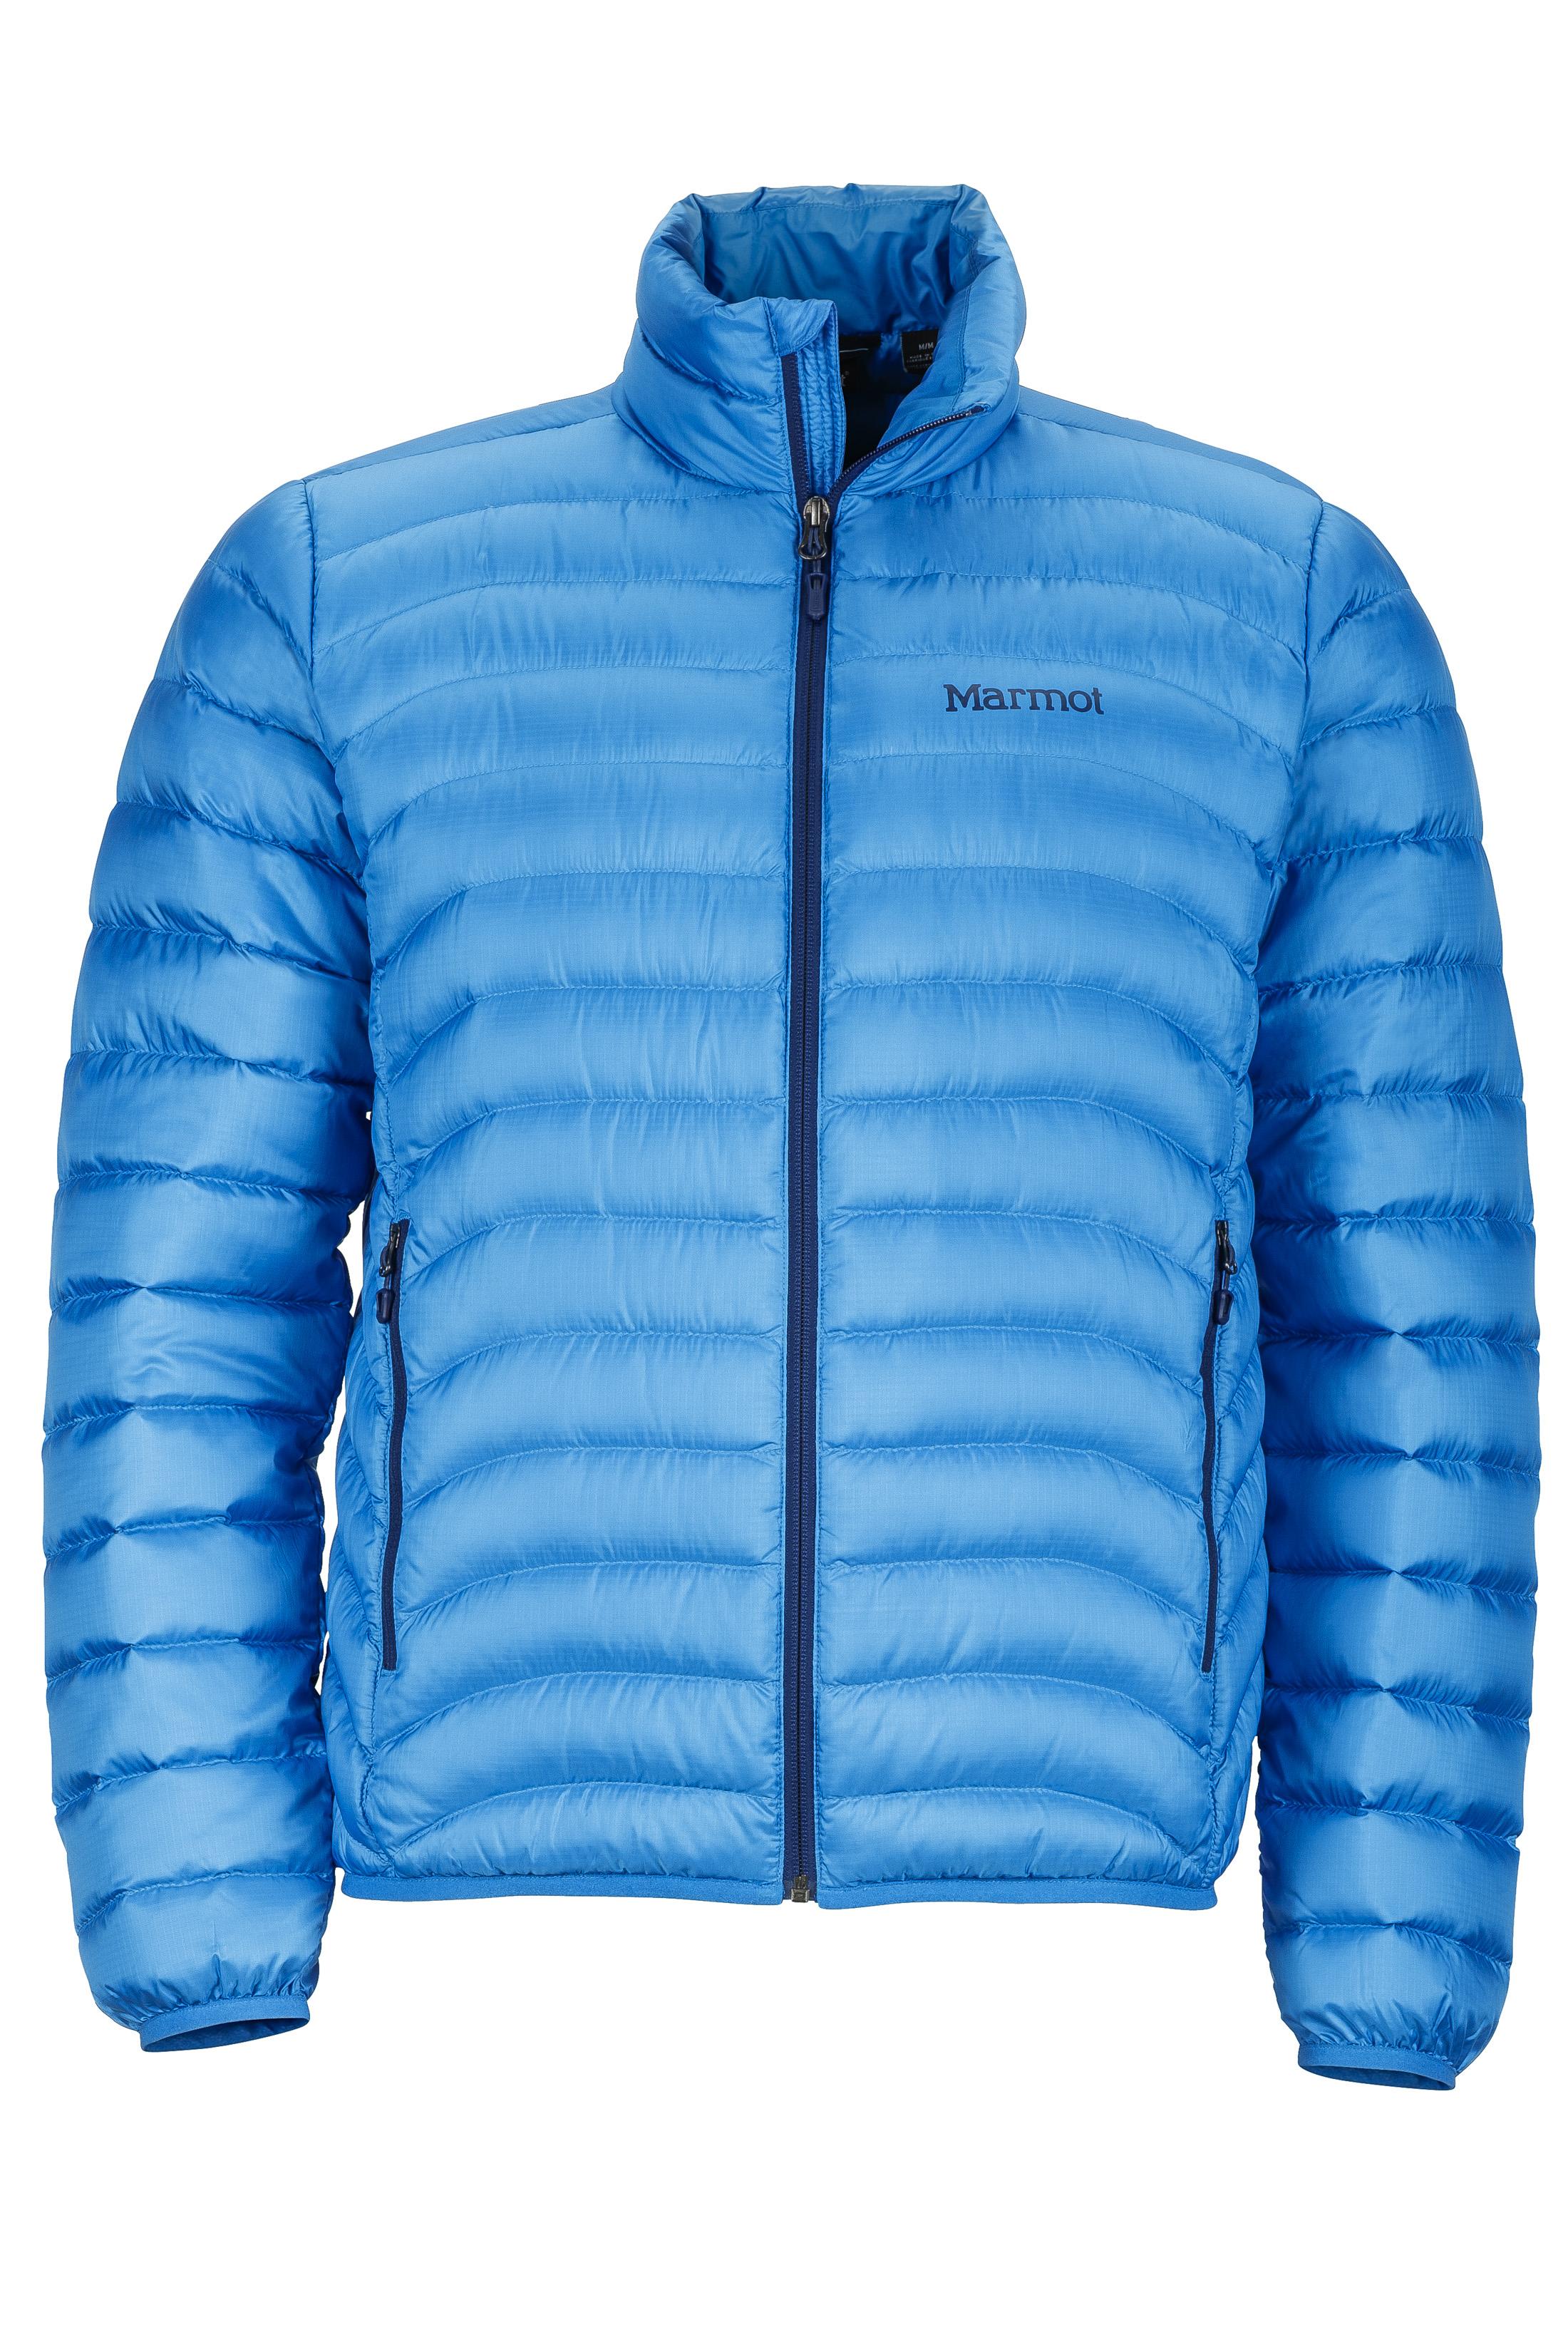 MARMOT M's Tullus Jacket